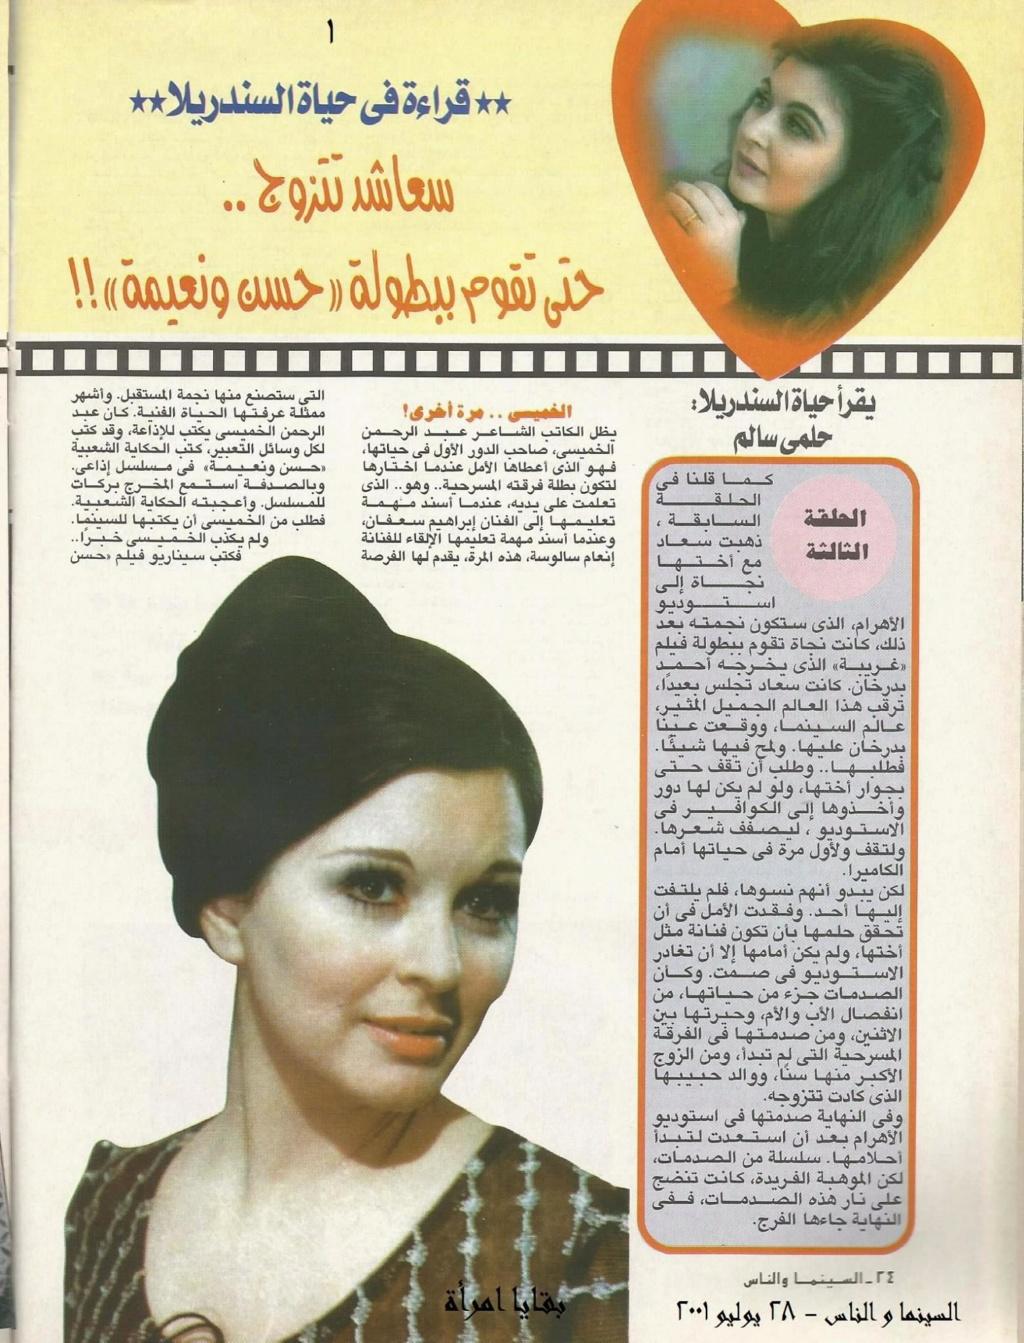 مقال صحفي : سعاد تتزوج .. حتى تقوم ببطولة حسن ونعيمة !! 2001 م 1224